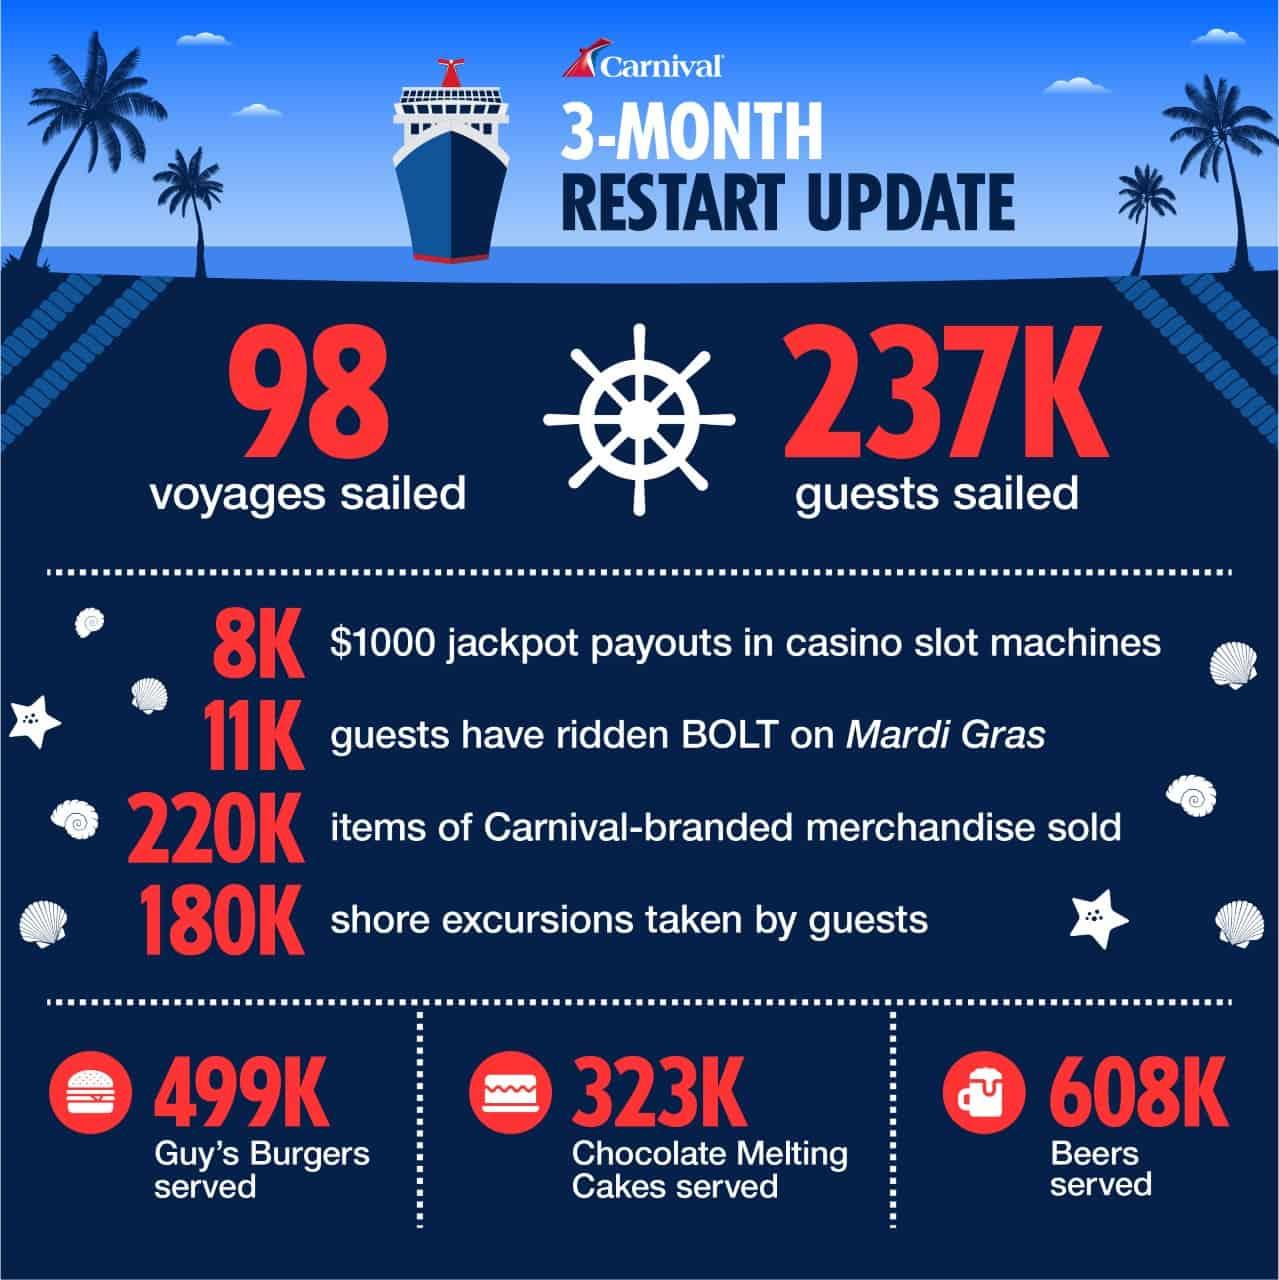 infographic carnival cruise restart 2021